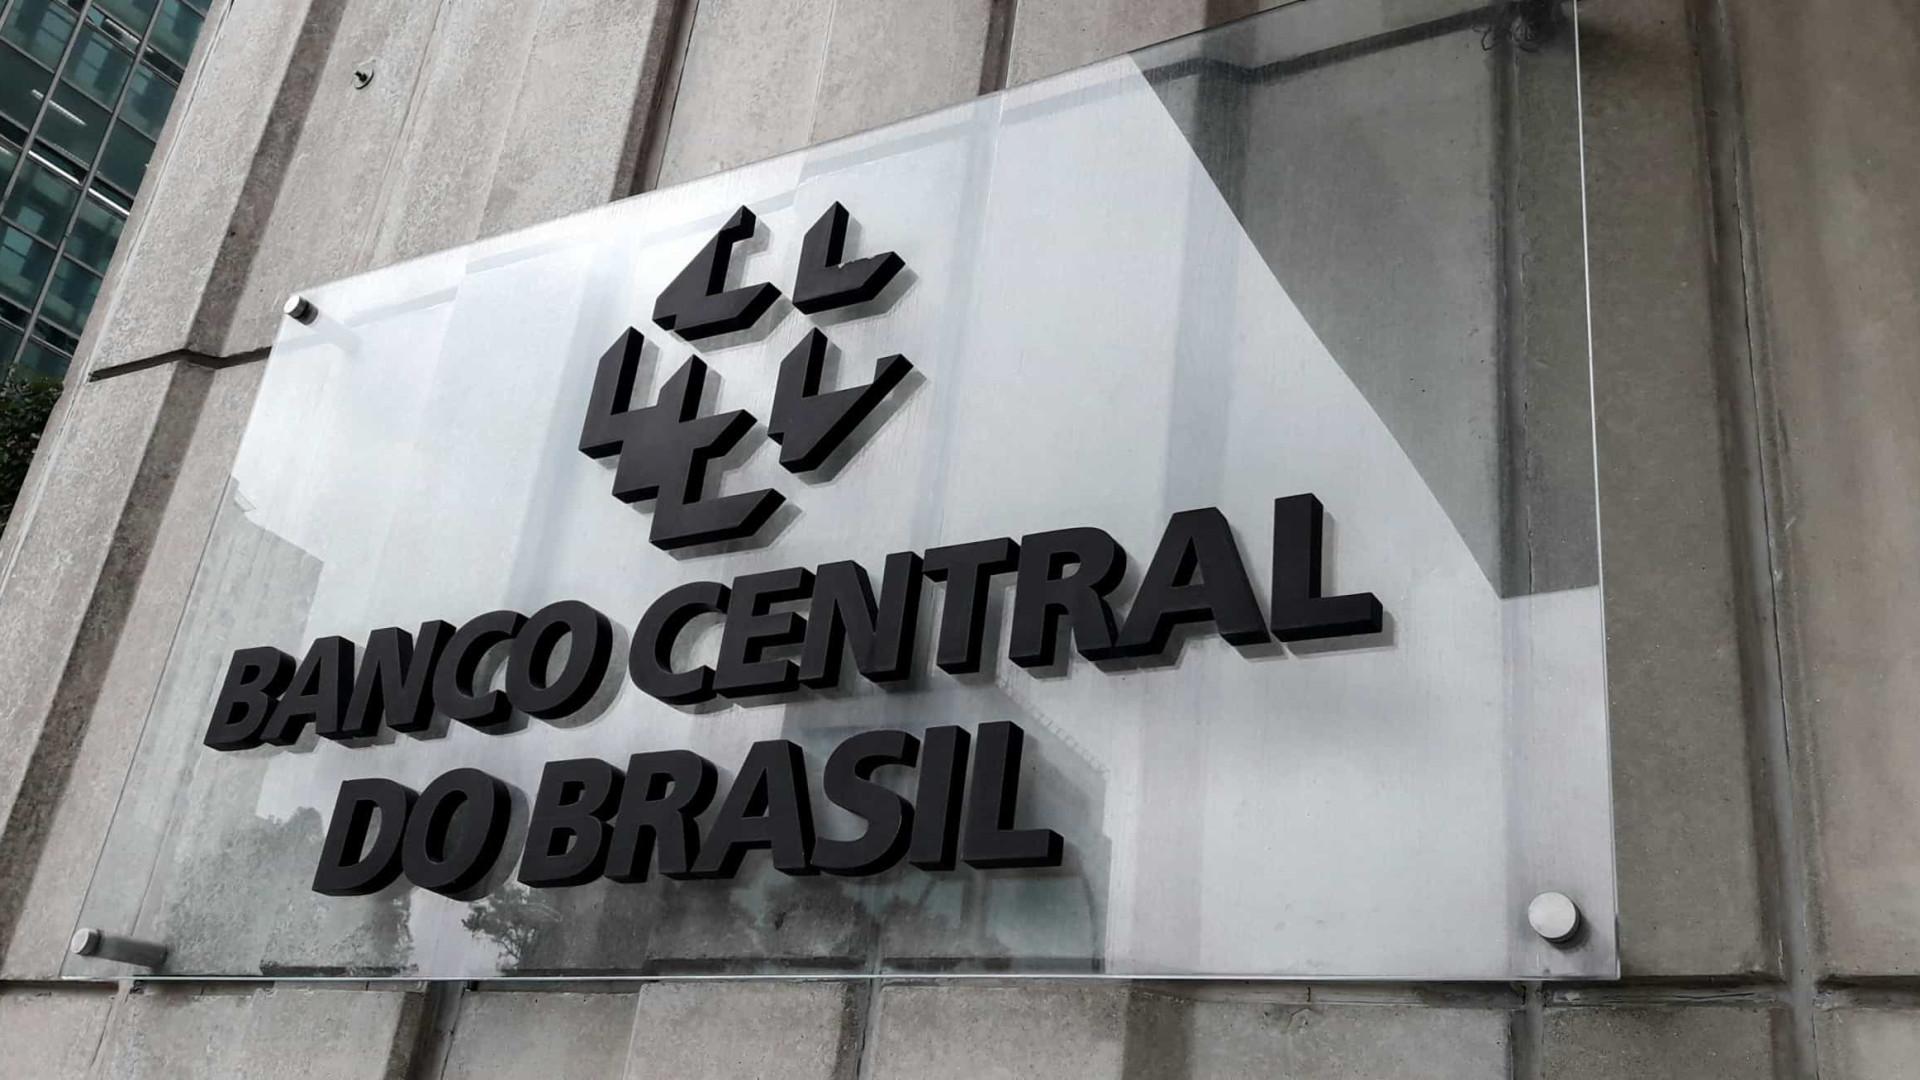 Banco Central ainda não se adaptou à lei de proteção de dados